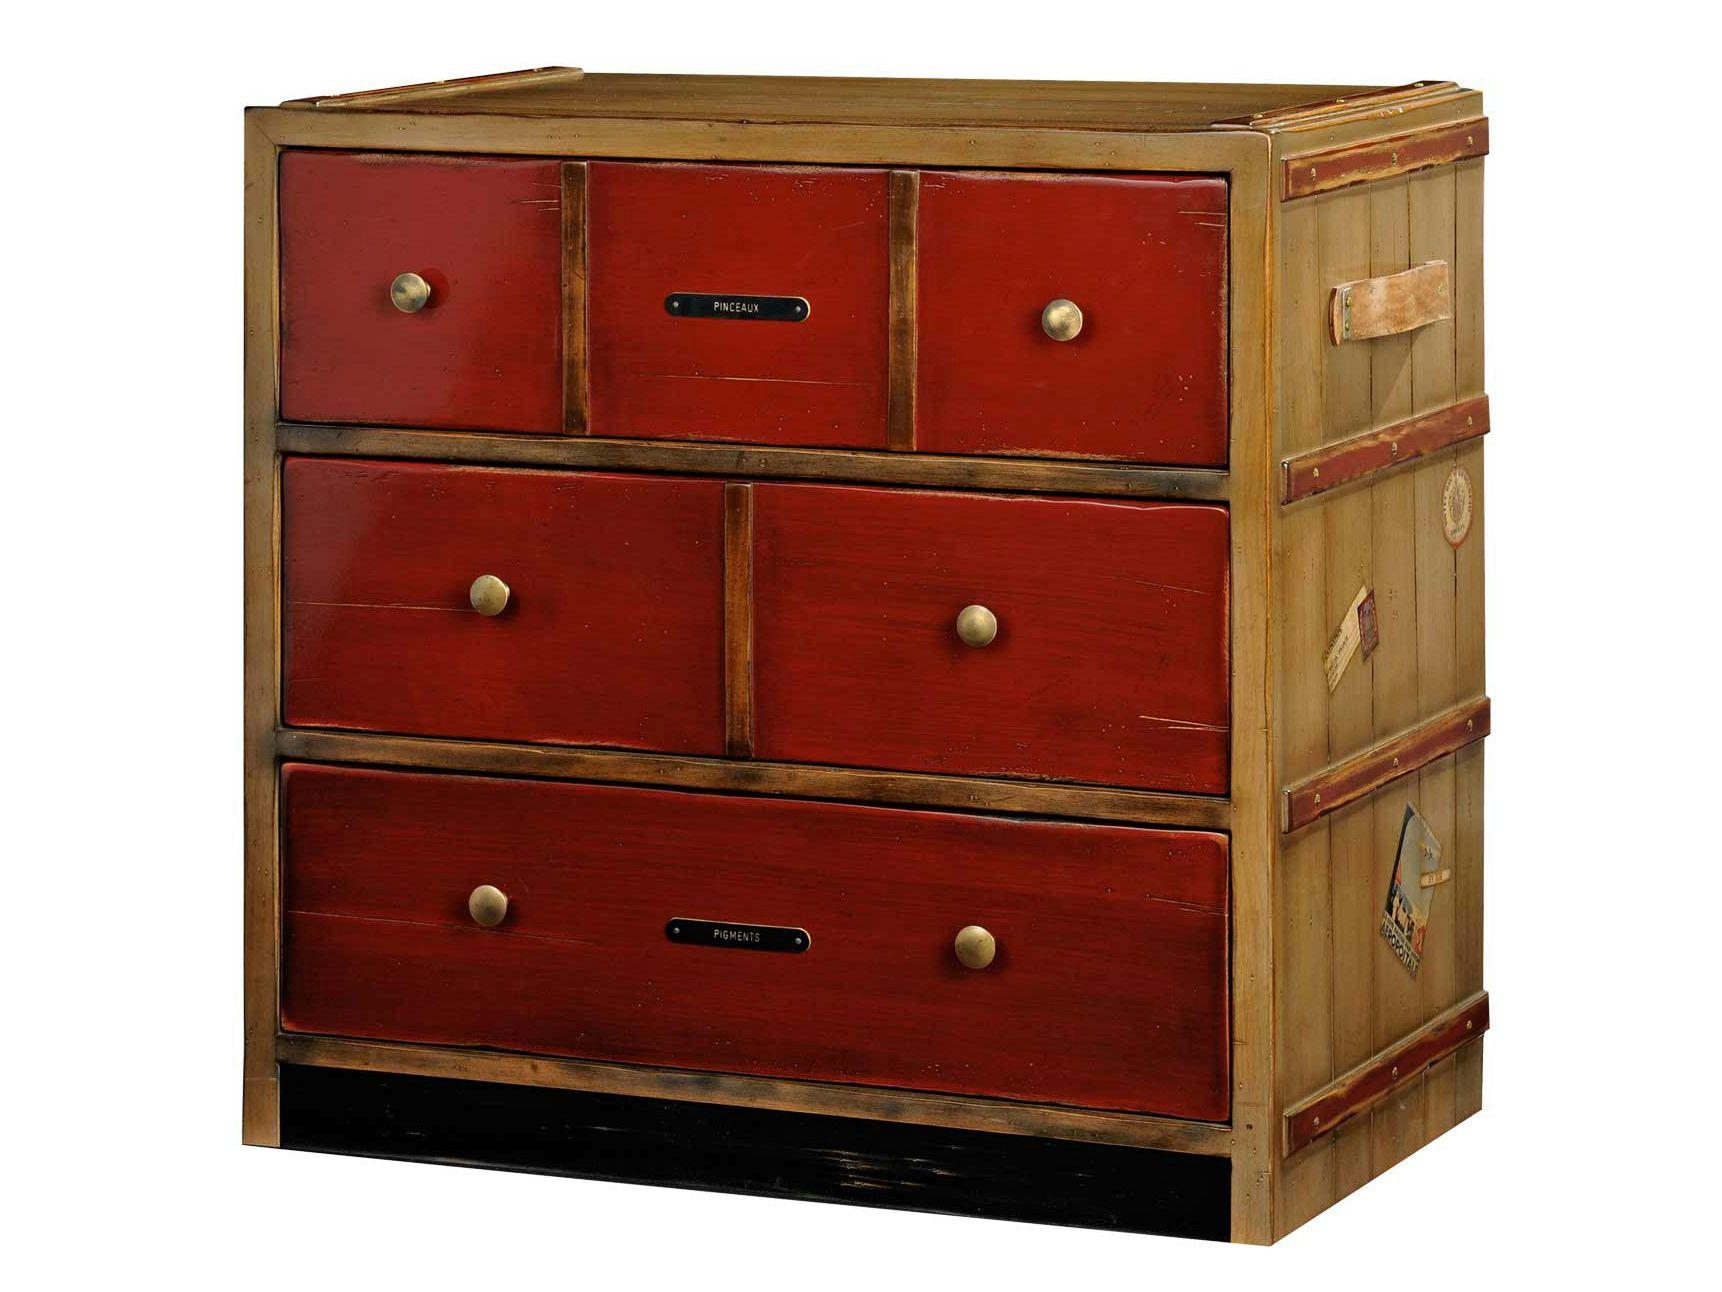 chiffonnier en cerisier correspondances collection nouveaux classiques by roche bobois. Black Bedroom Furniture Sets. Home Design Ideas